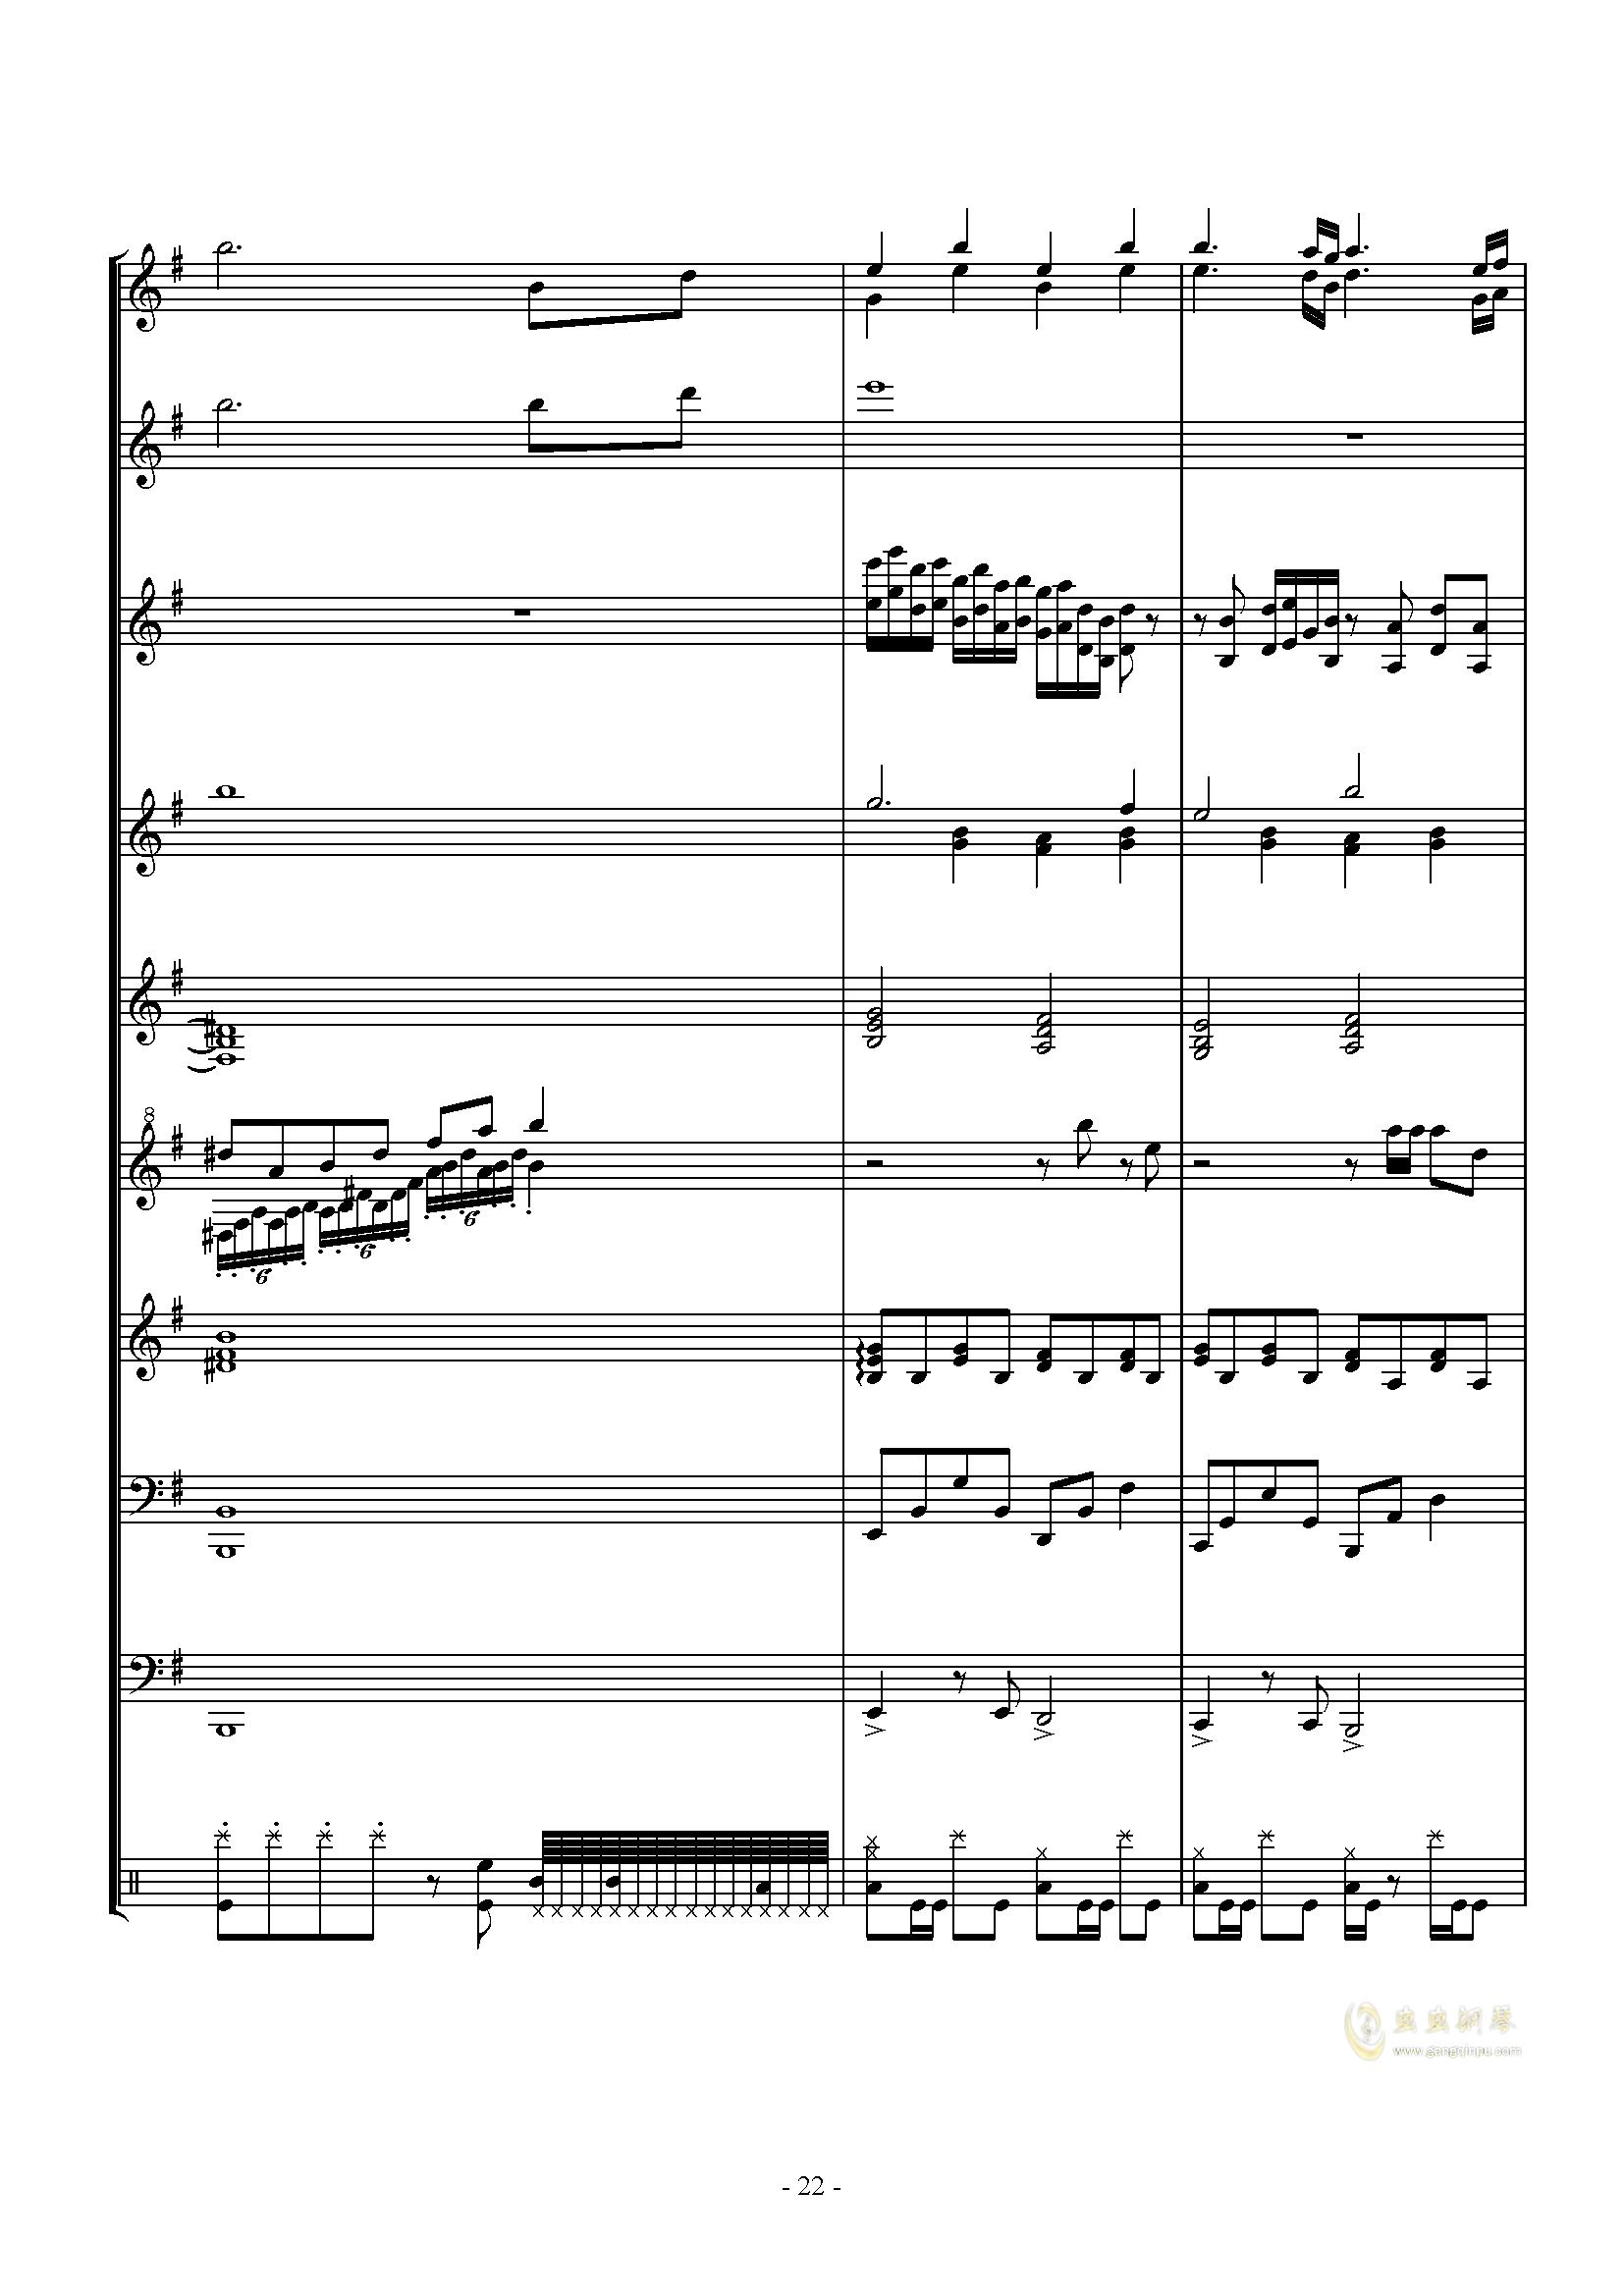 キミガタメ钢琴谱 第22页